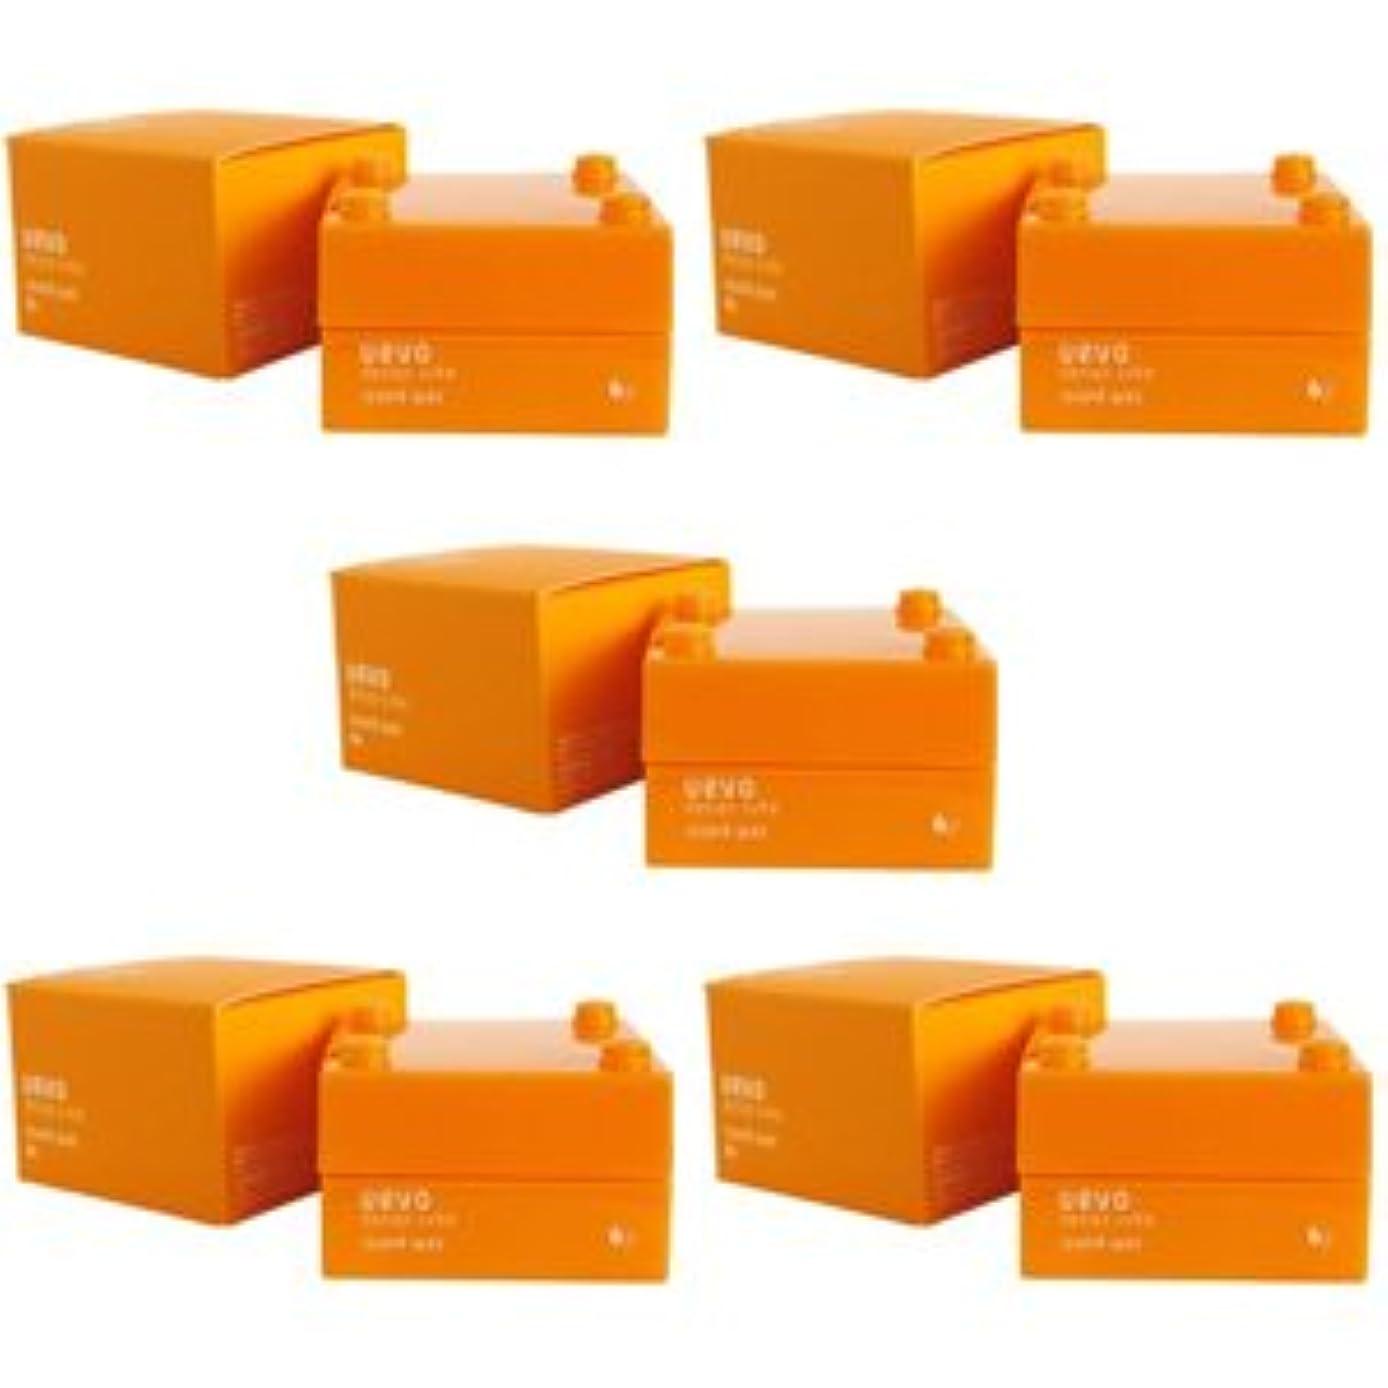 加害者エンディング加害者【X5個セット】 デミ ウェーボ デザインキューブ ラウンドワックス 30g round wax DEMI uevo design cube